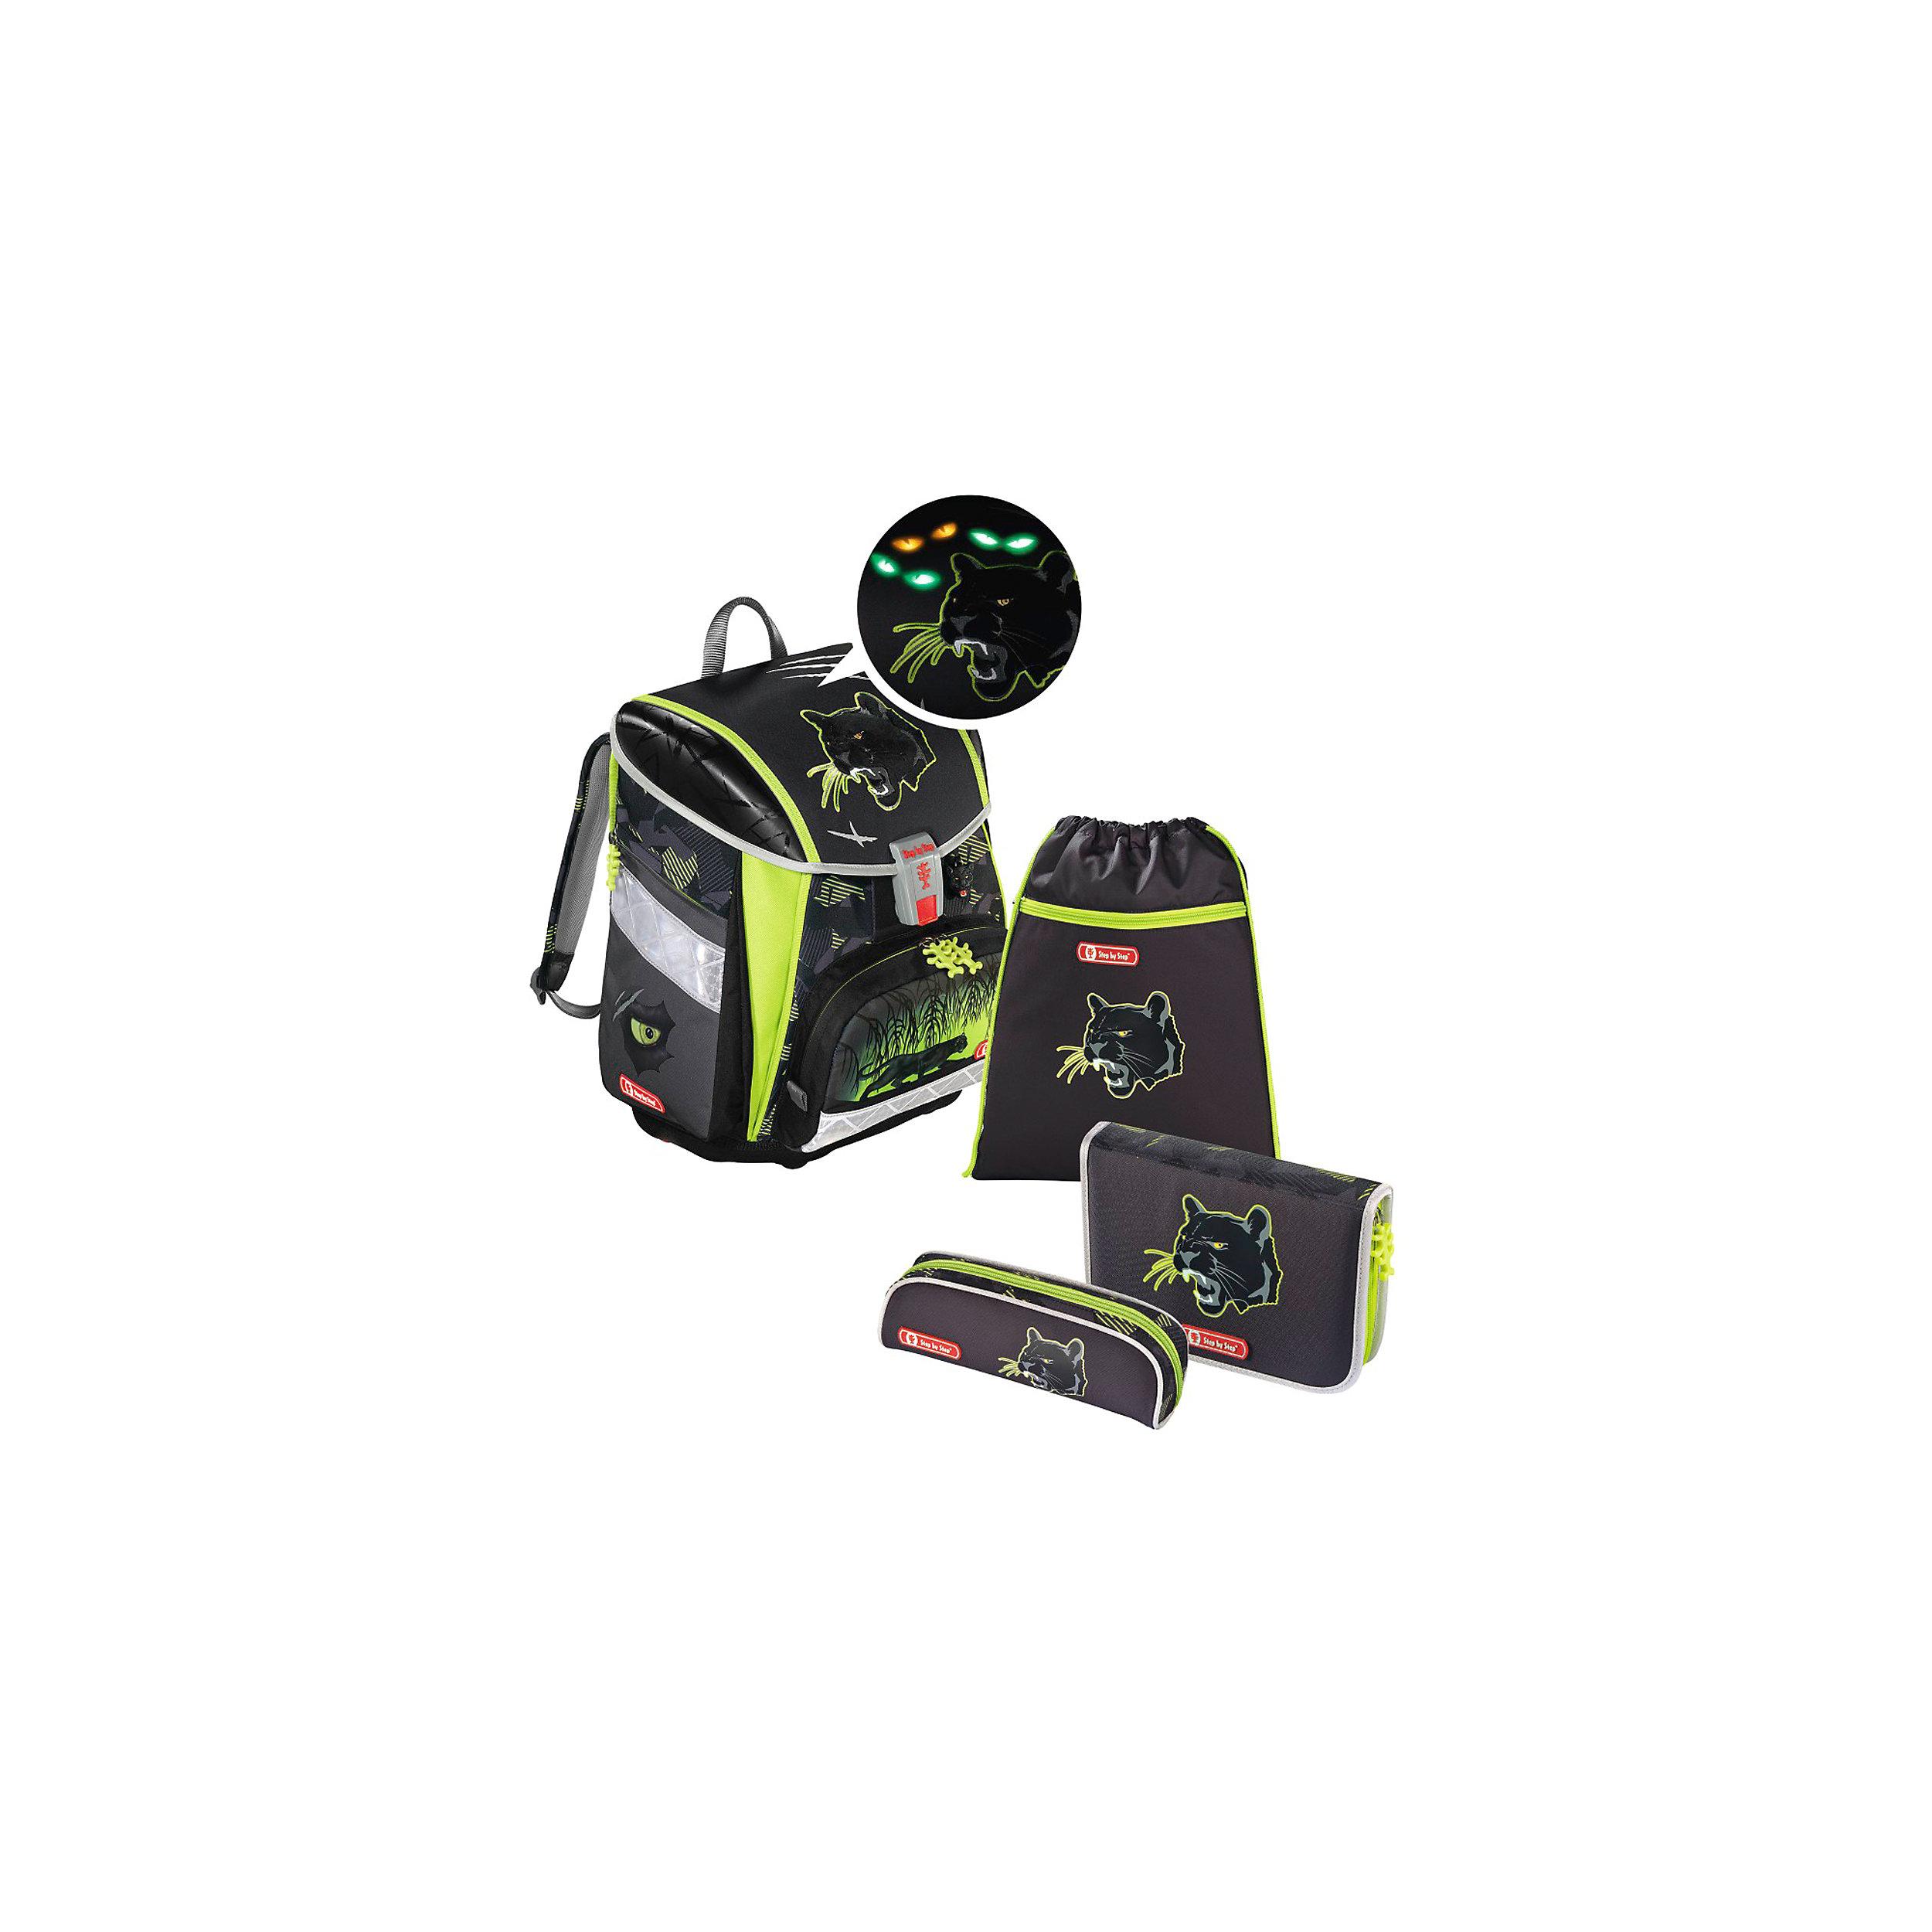 4-tlg. Schulranzenset Limited Edition Touch 2 Flash 21 Liter